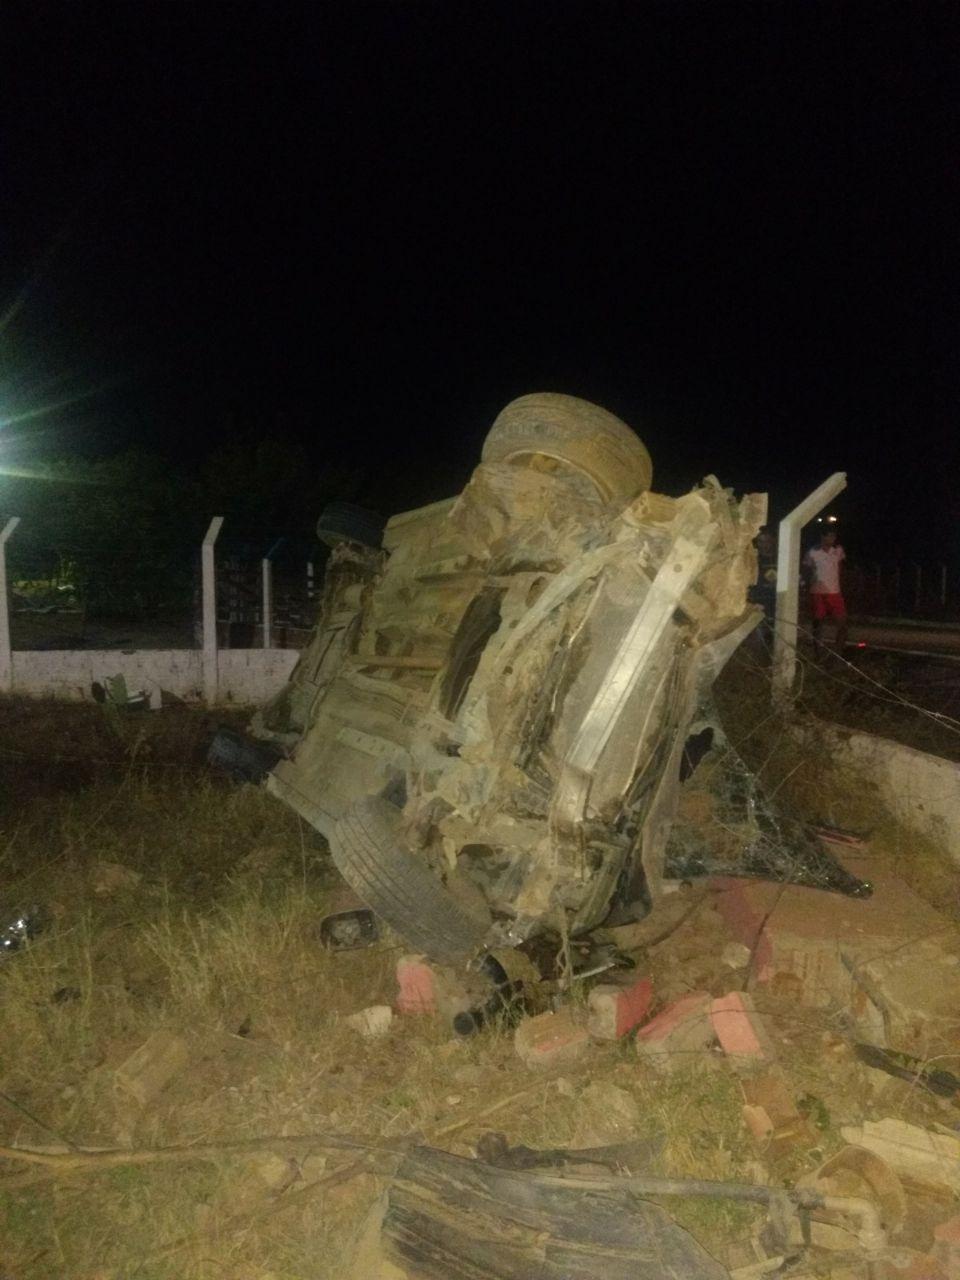 acd9daef-cf8f-48c9-ab9a-2296593d6581 Acidente entre veículos é registrado na zona rural de Monteiro